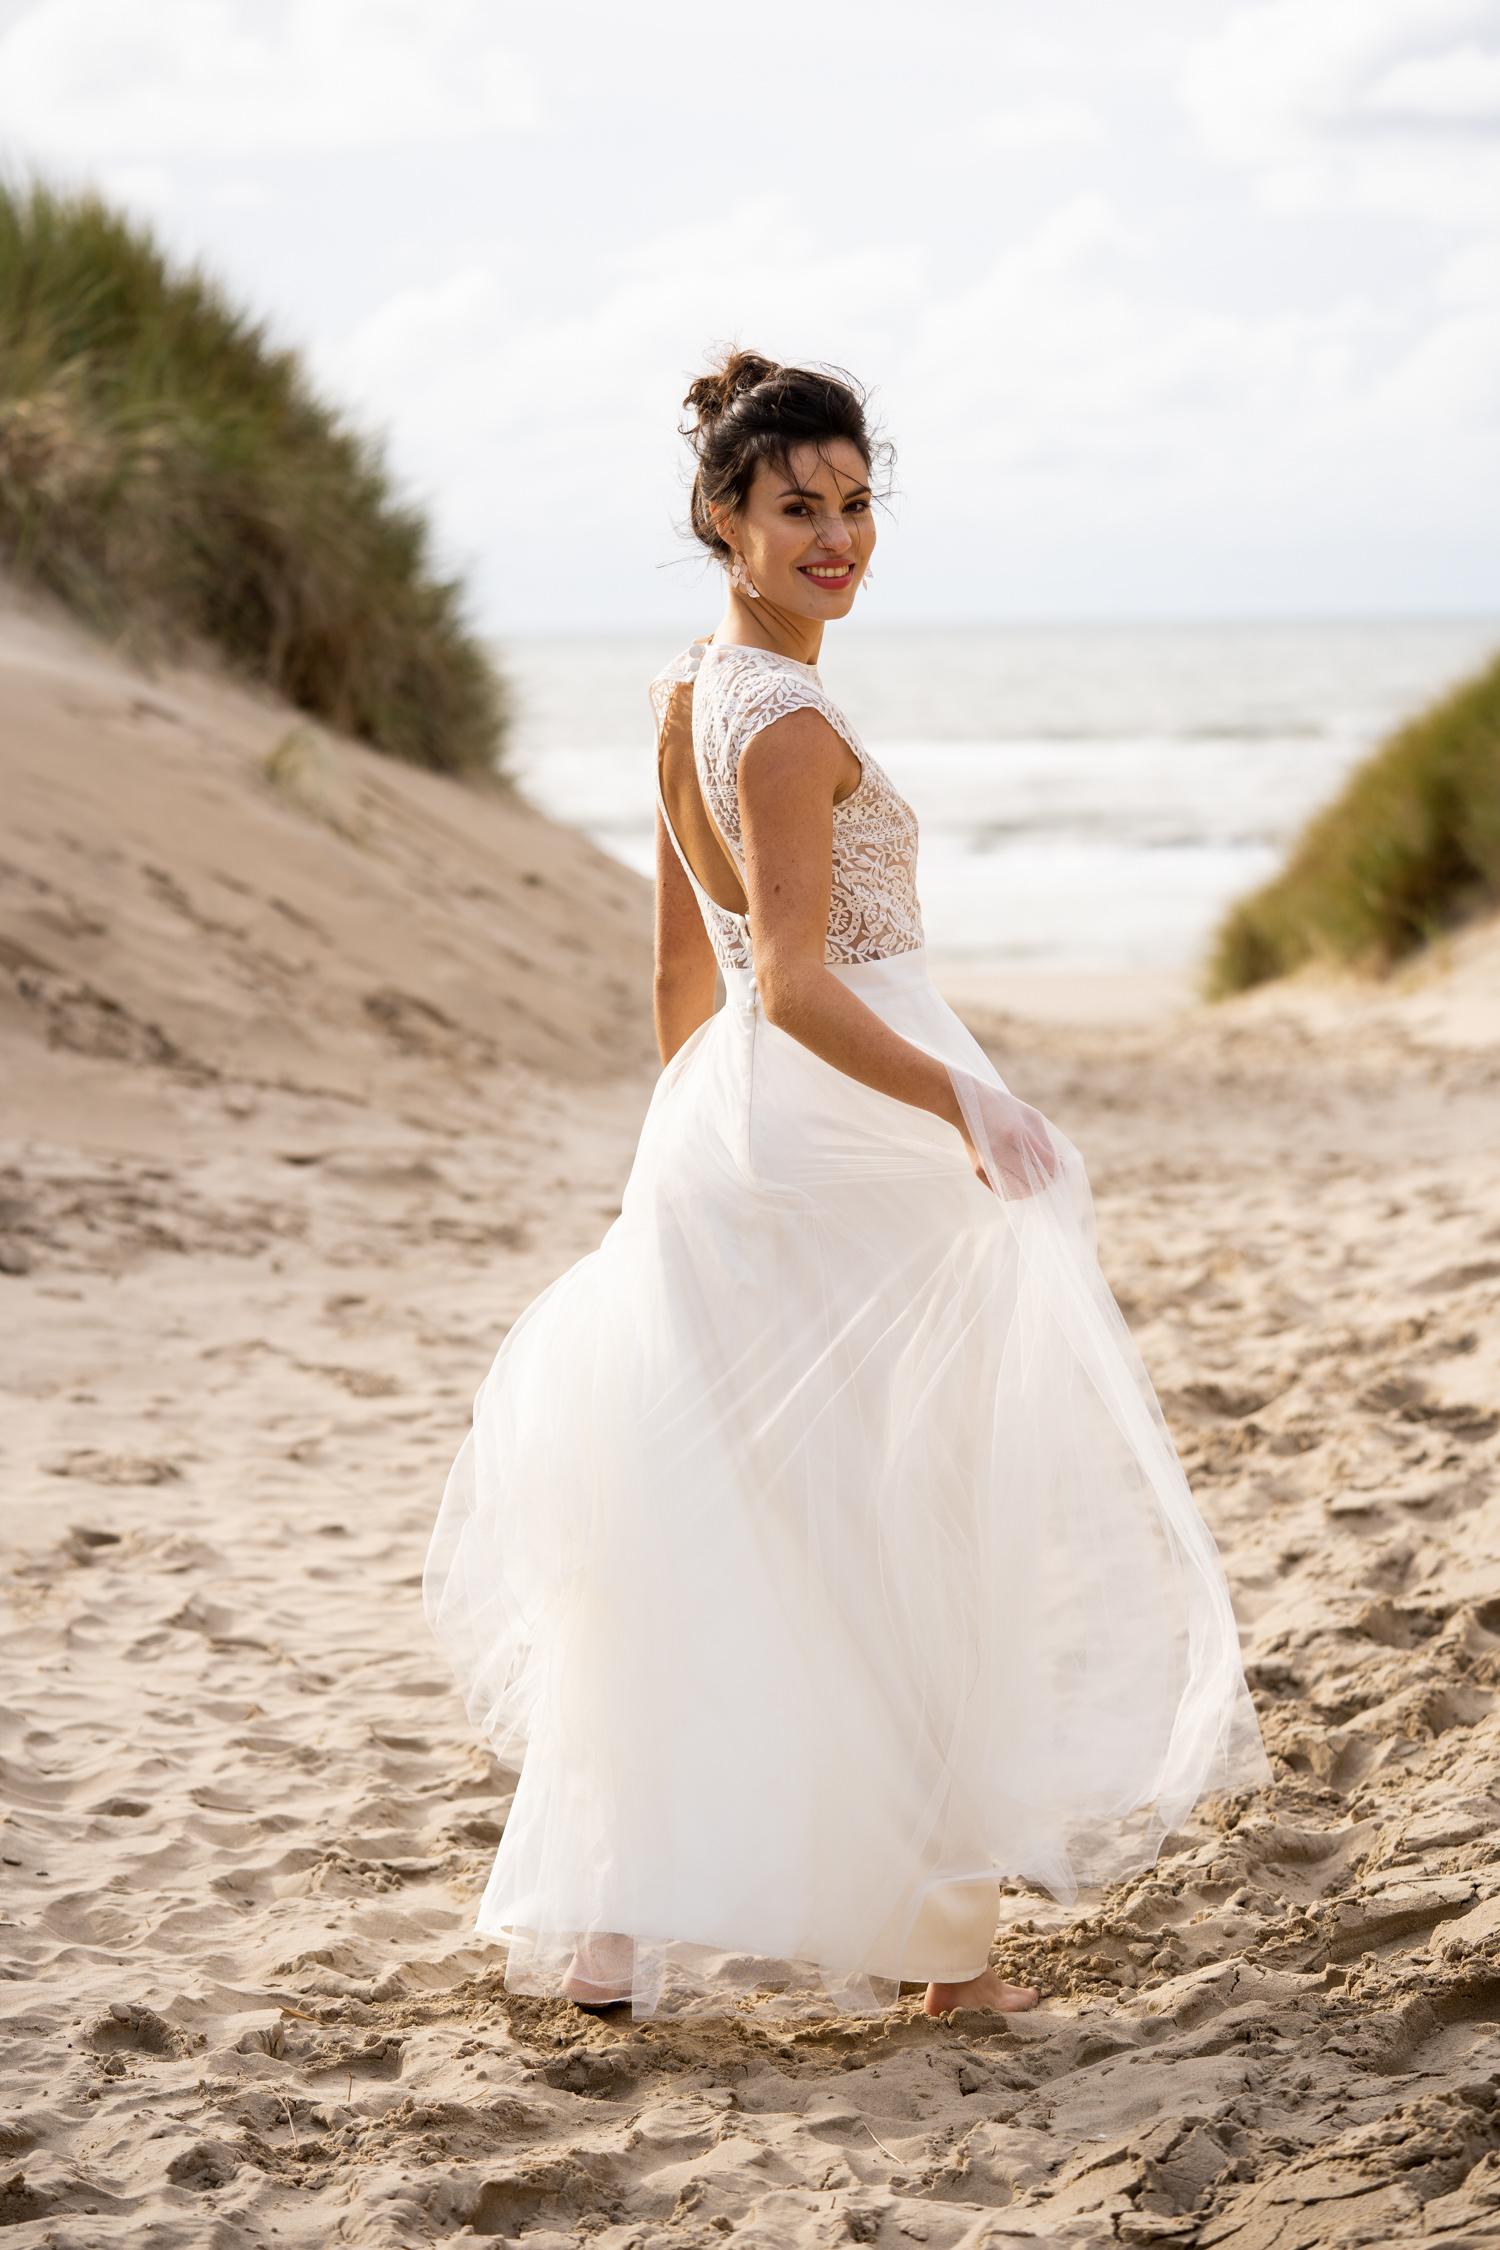 Langes Hochzeitskleid mit Tüllrock modern 2020